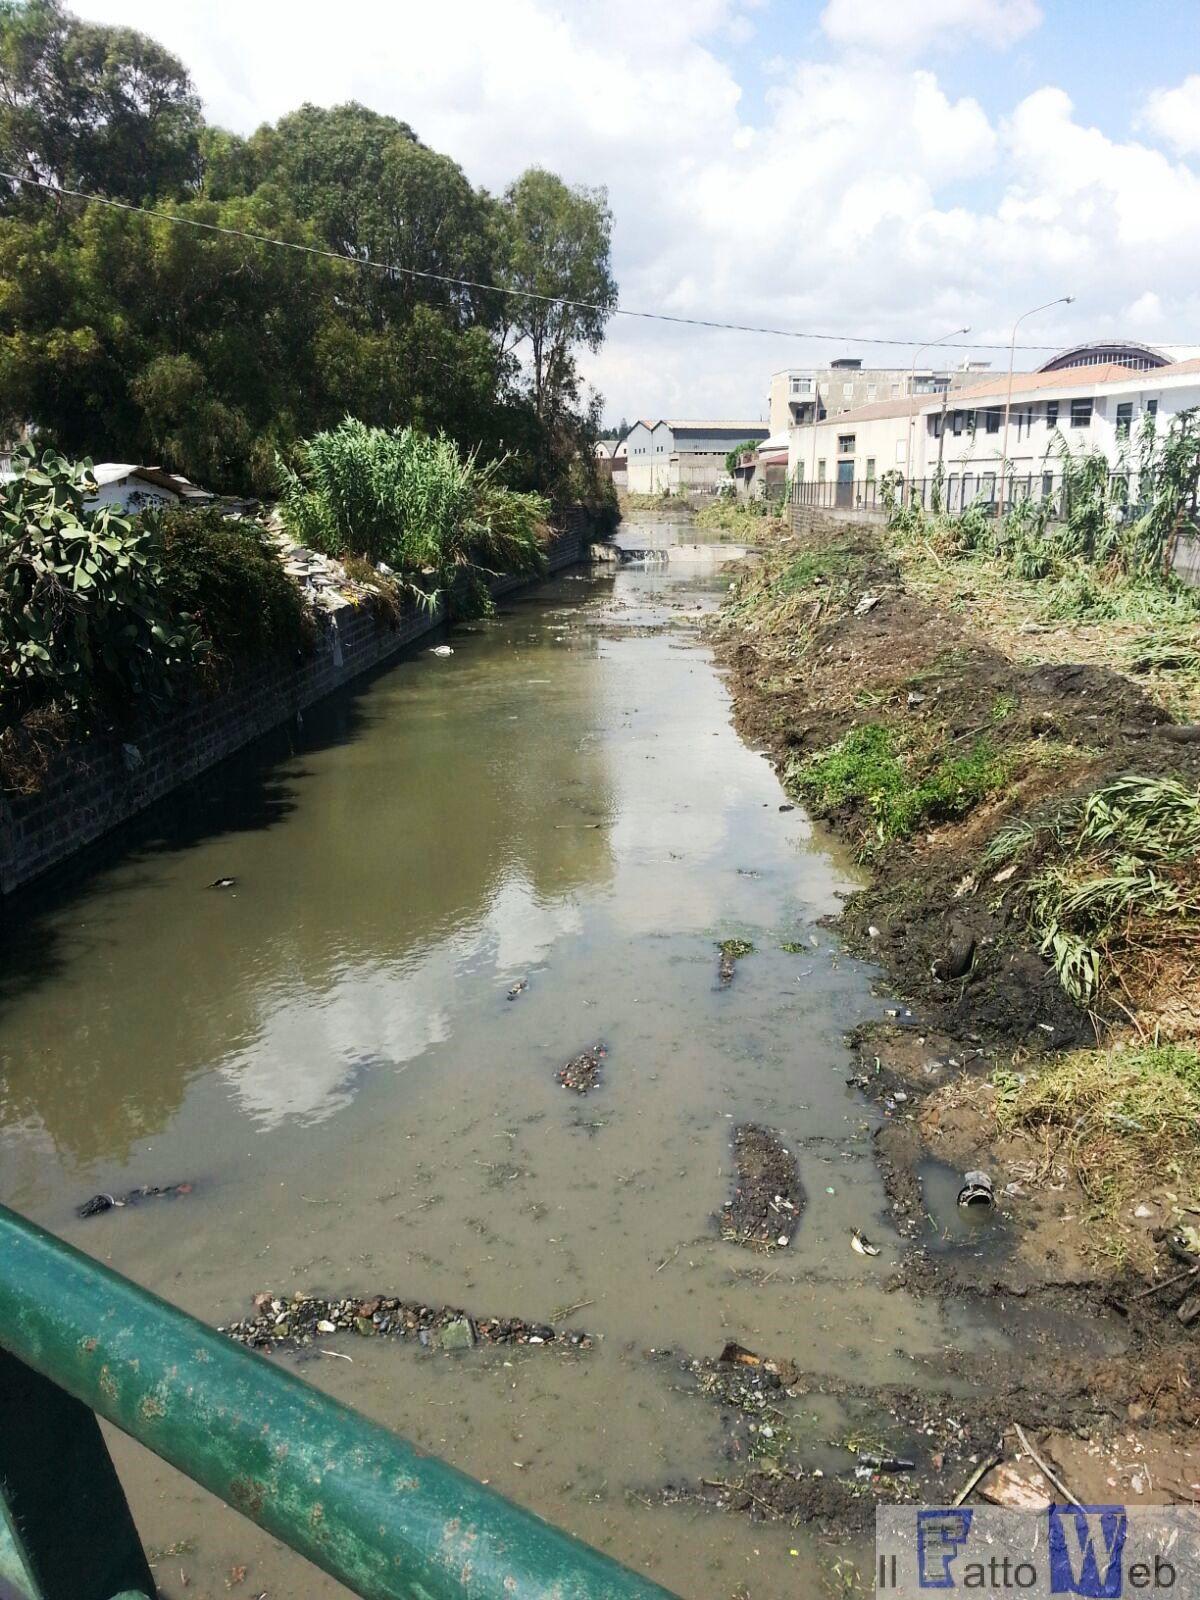 Maltempo: pulizia straordinaria torrenti cittadini